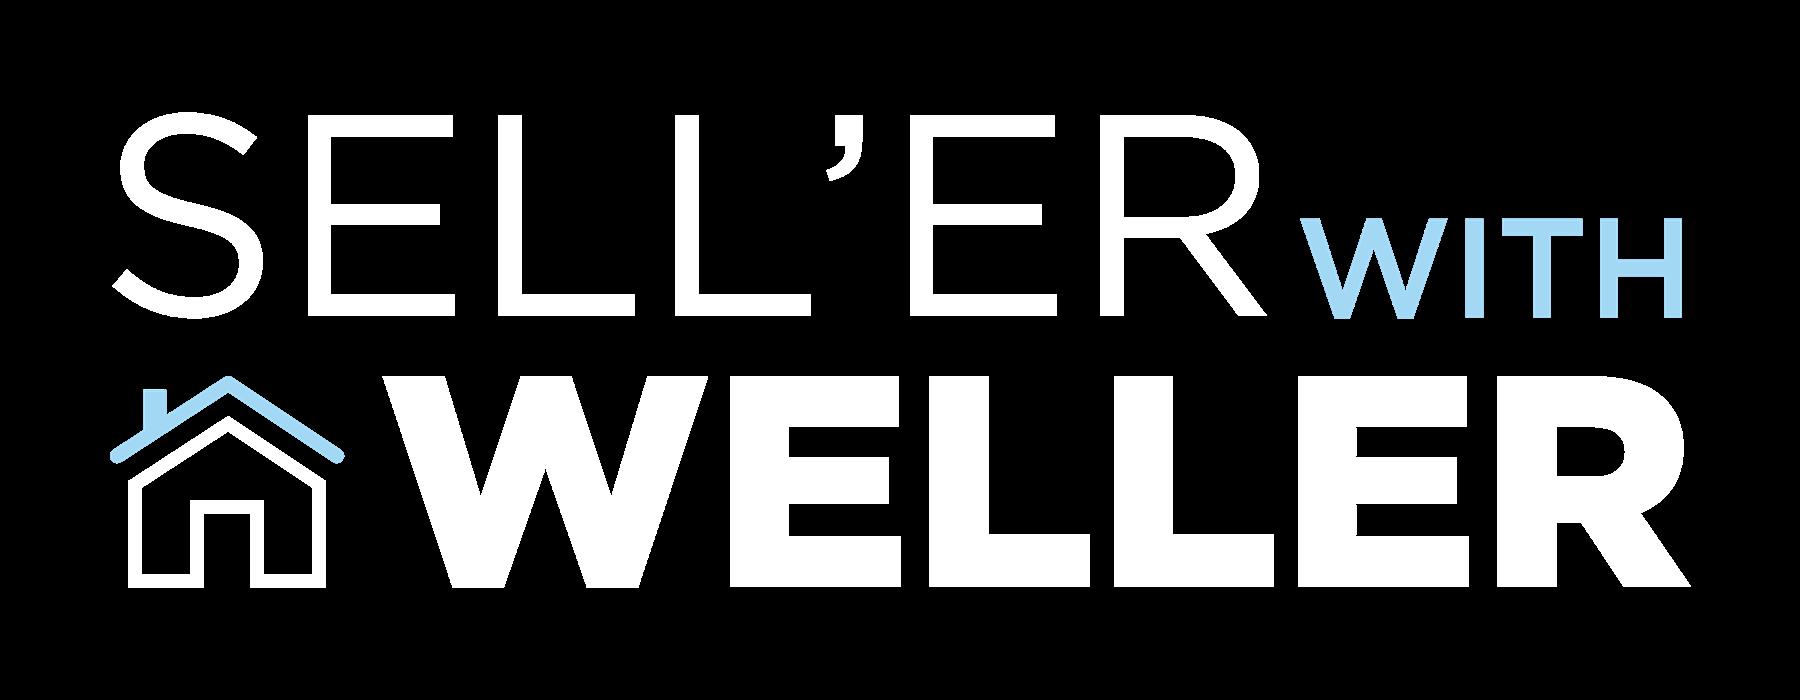 Michelle Weller